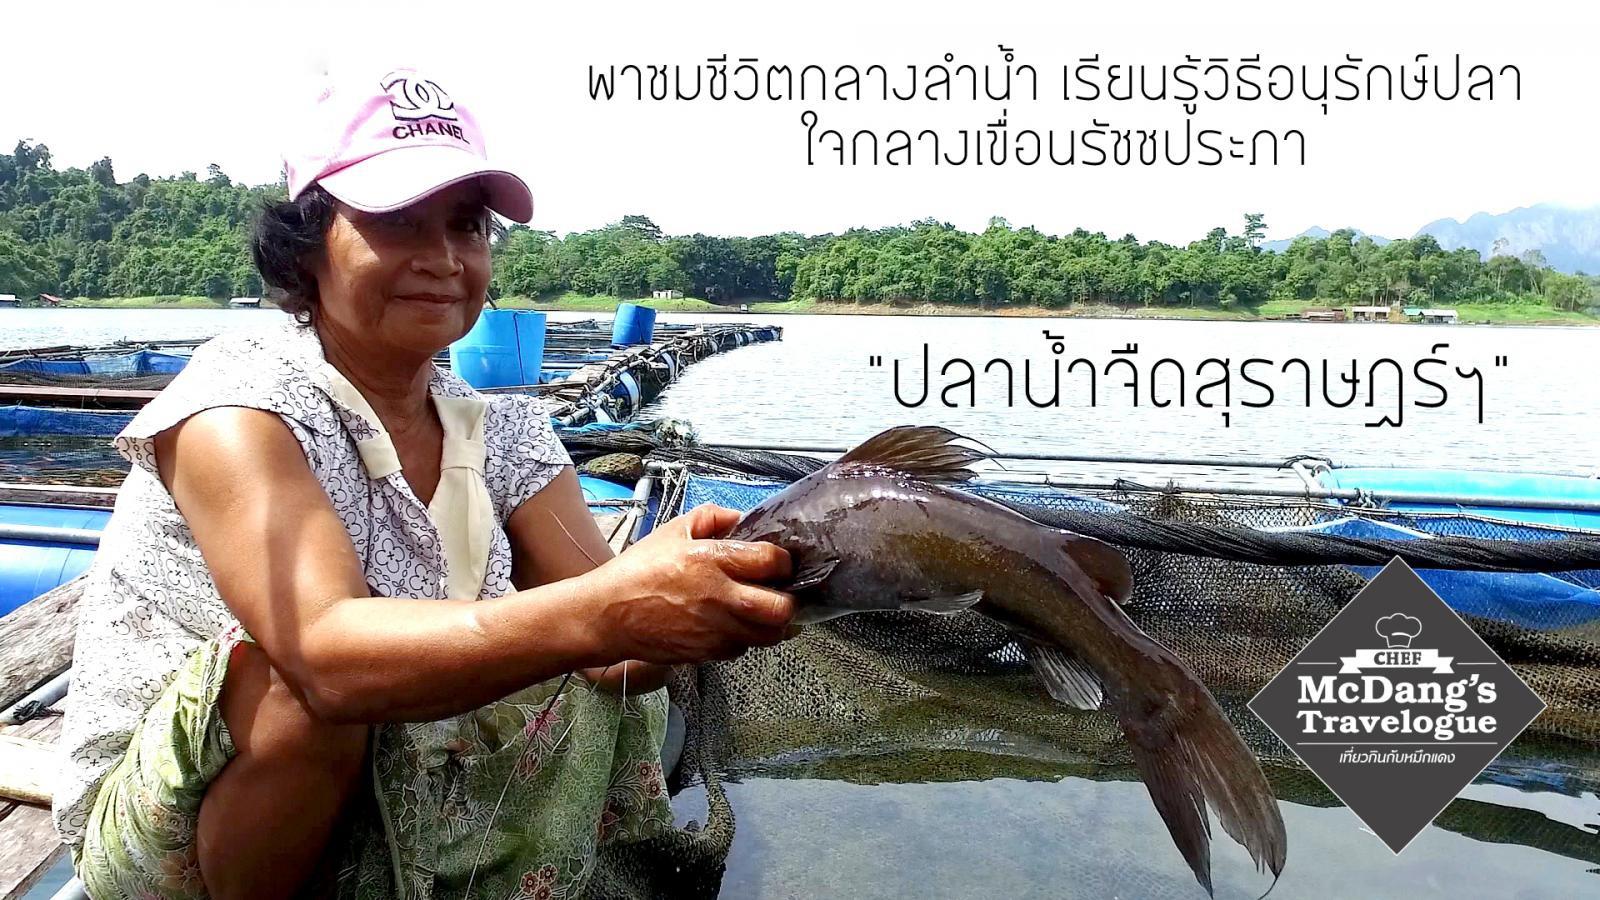 ปลาน้ำจืดสุราษฎร์ฯ